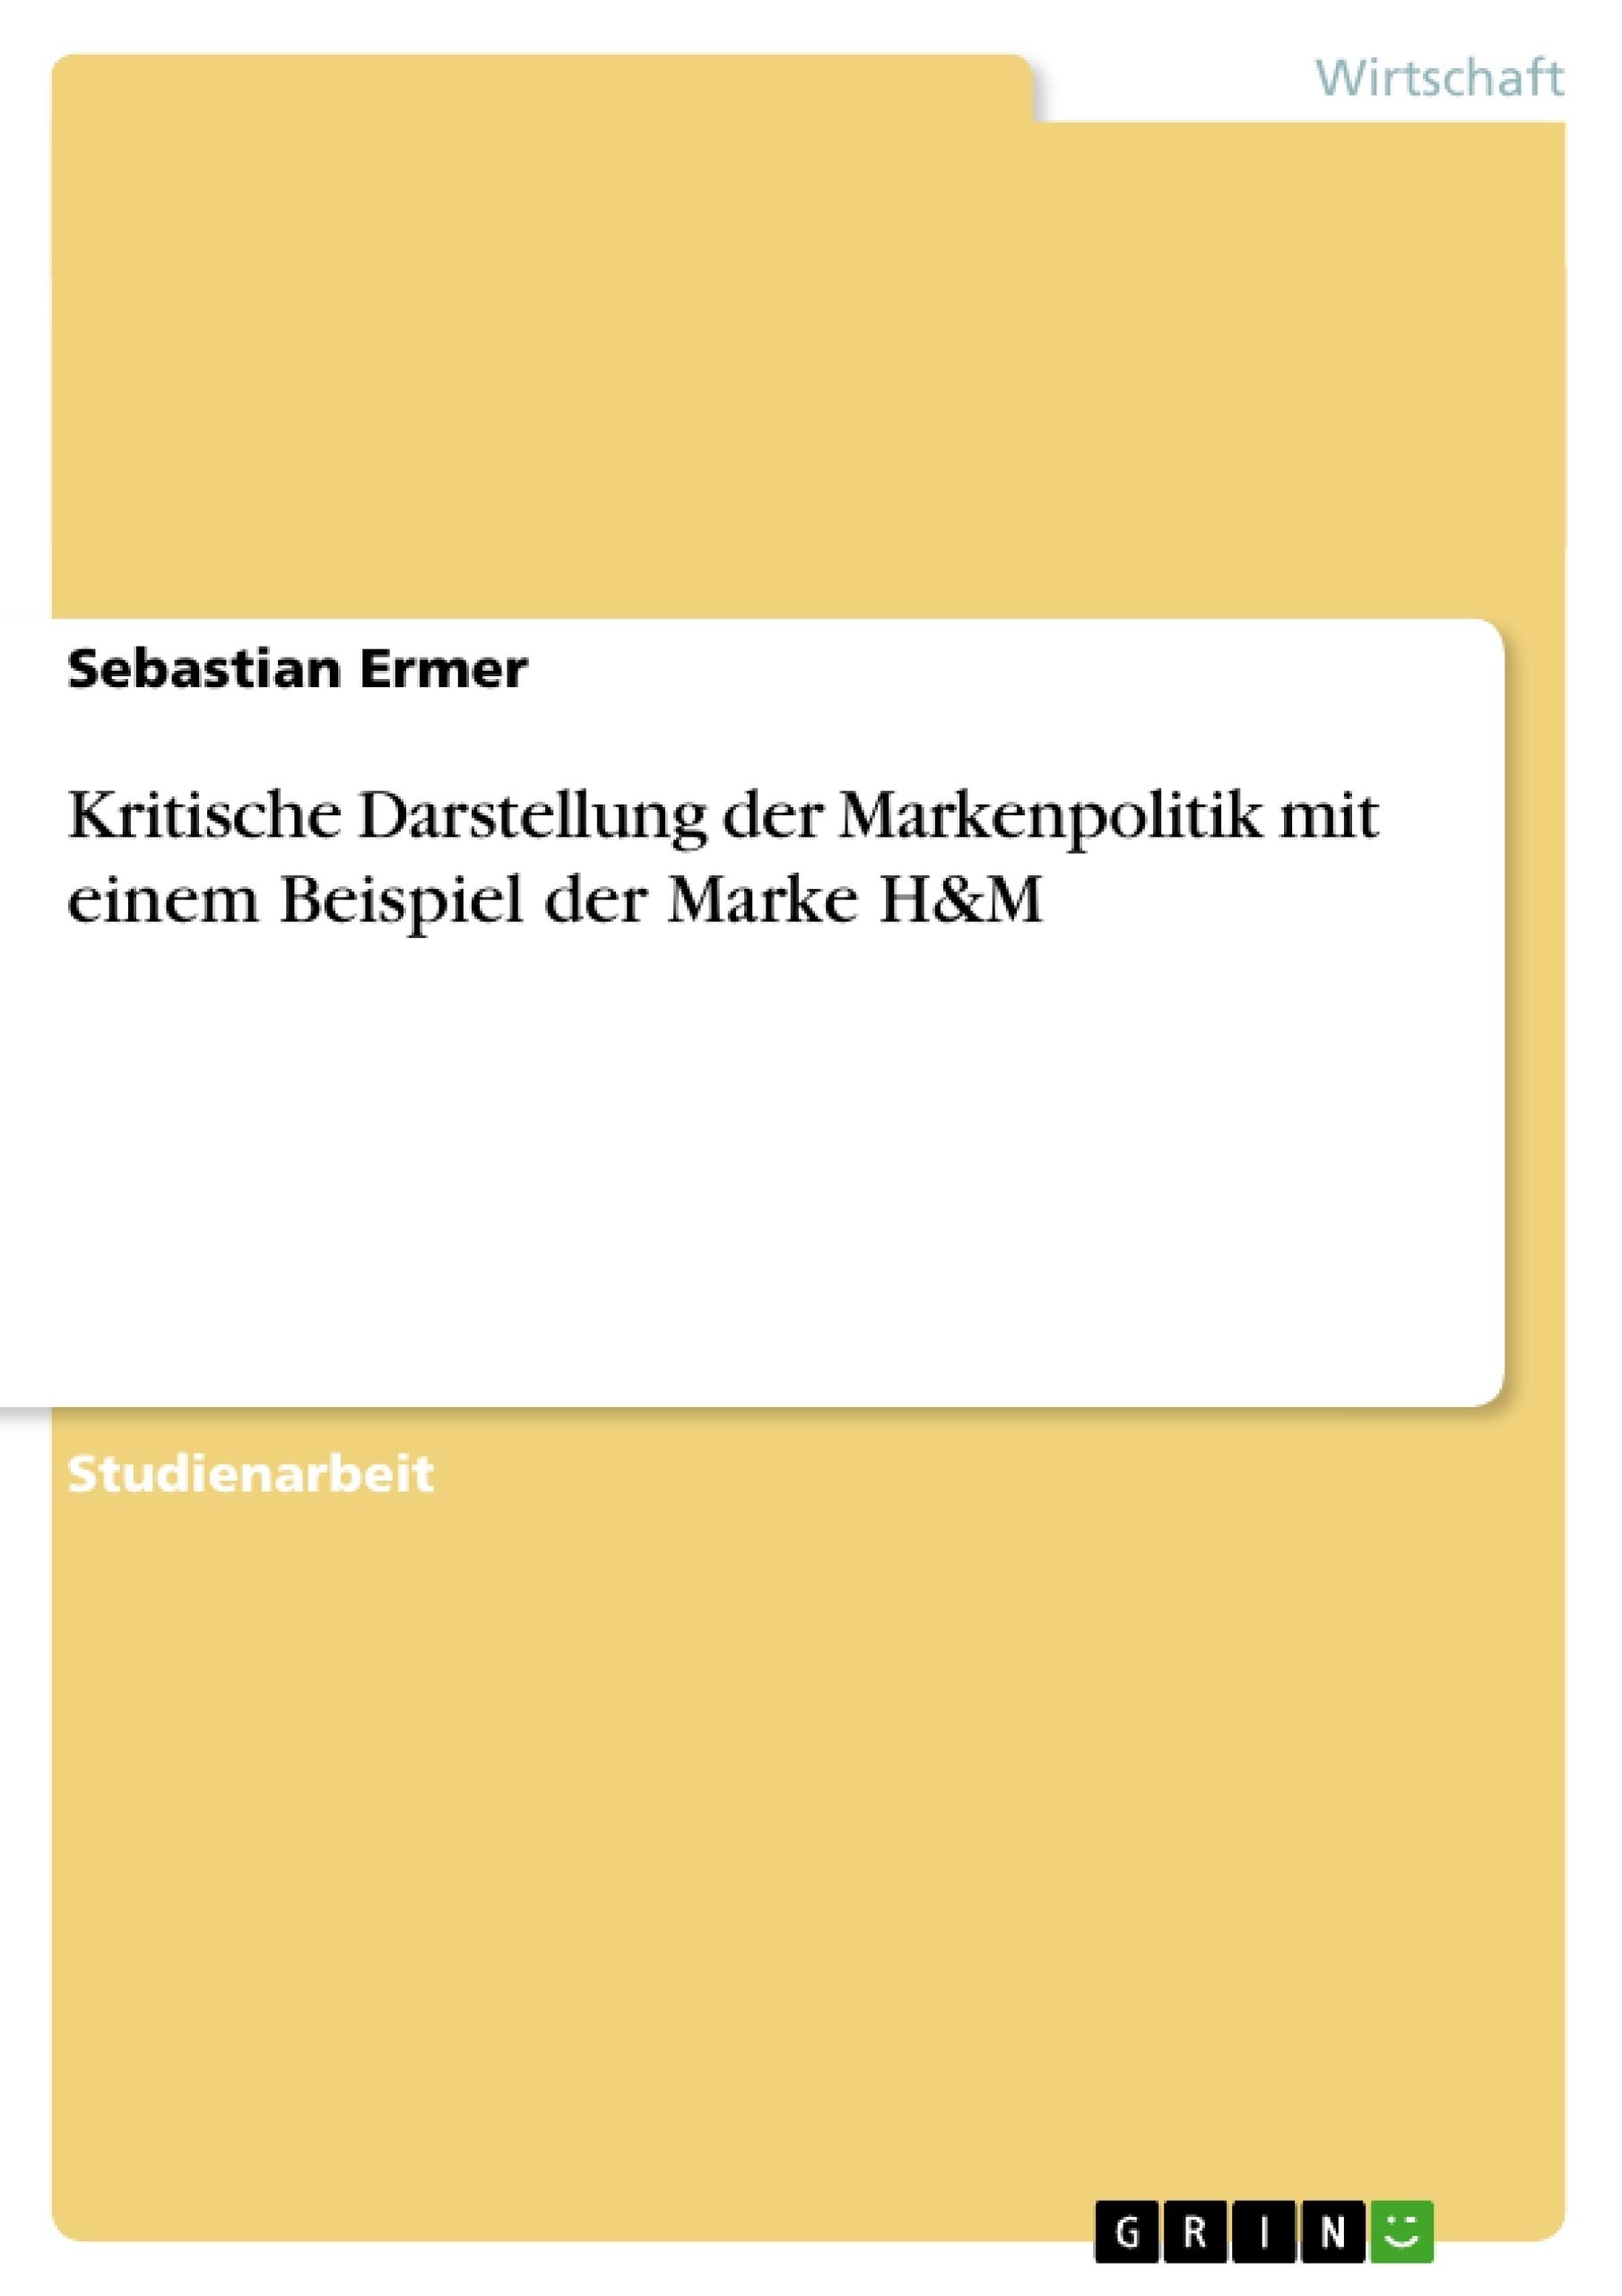 Titel: Kritische Darstellung der Markenpolitik mit einem Beispiel der Marke H&M